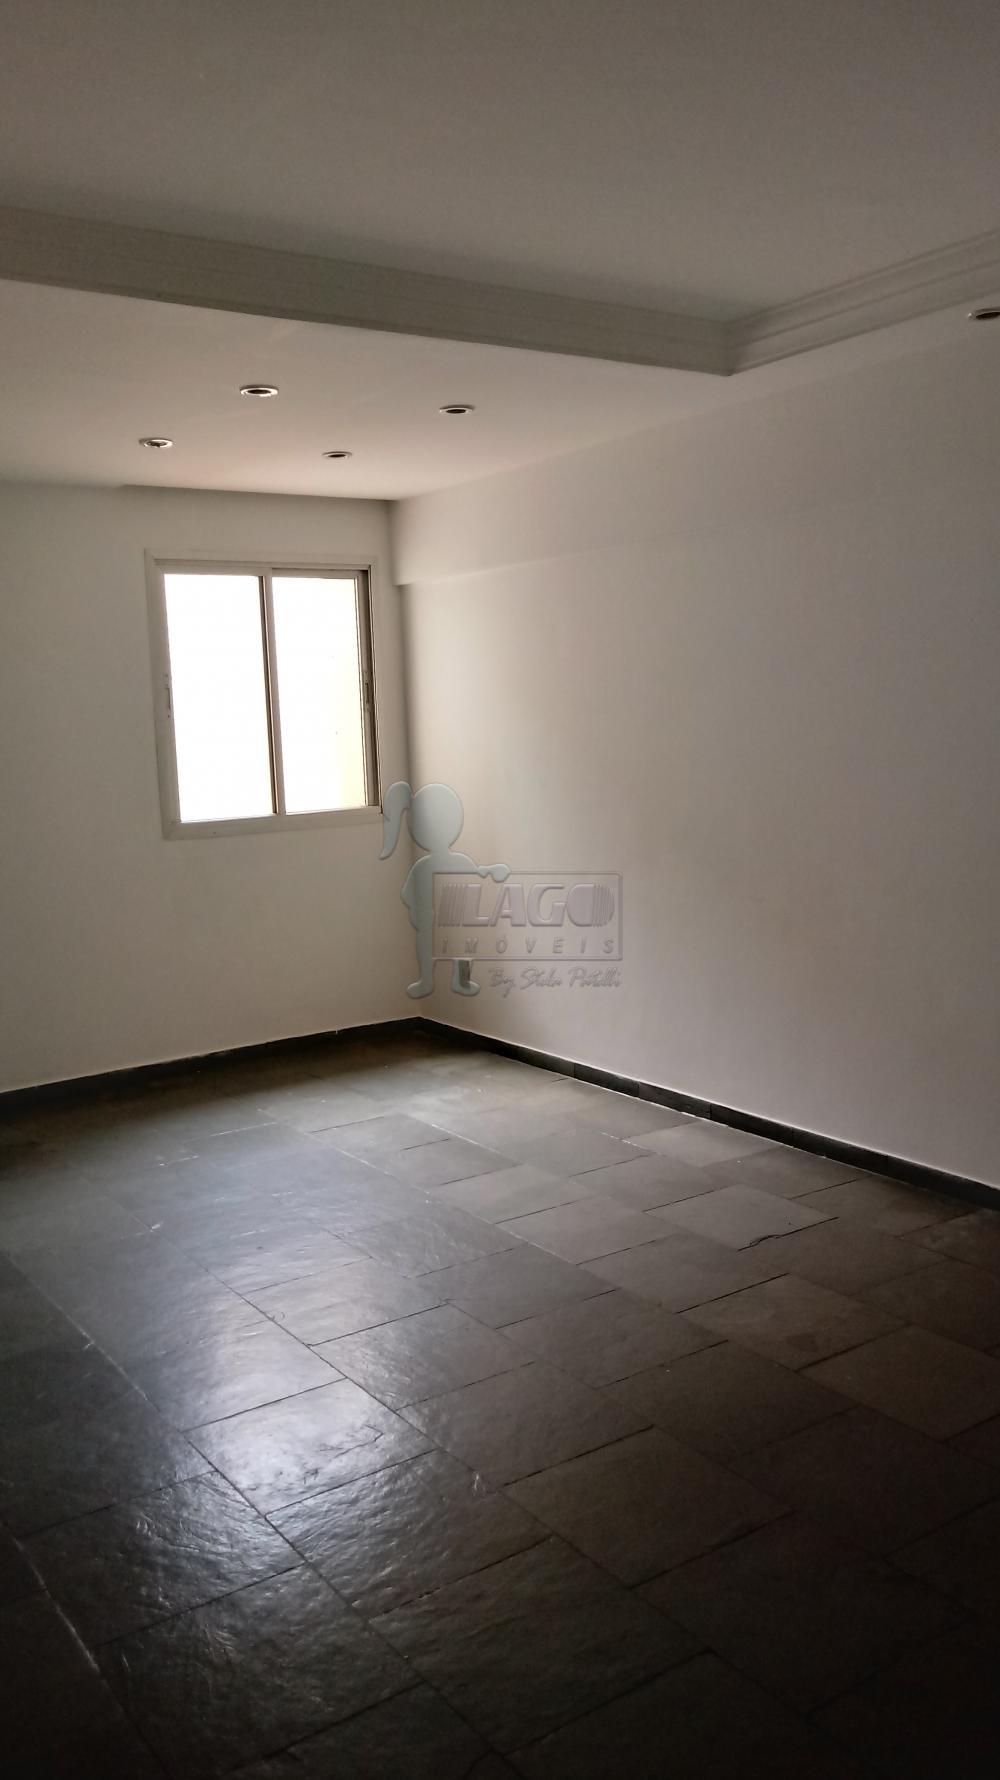 Comprar Apartamento / Padrão em Ribeirão Preto apenas R$ 230.000,00 - Foto 3